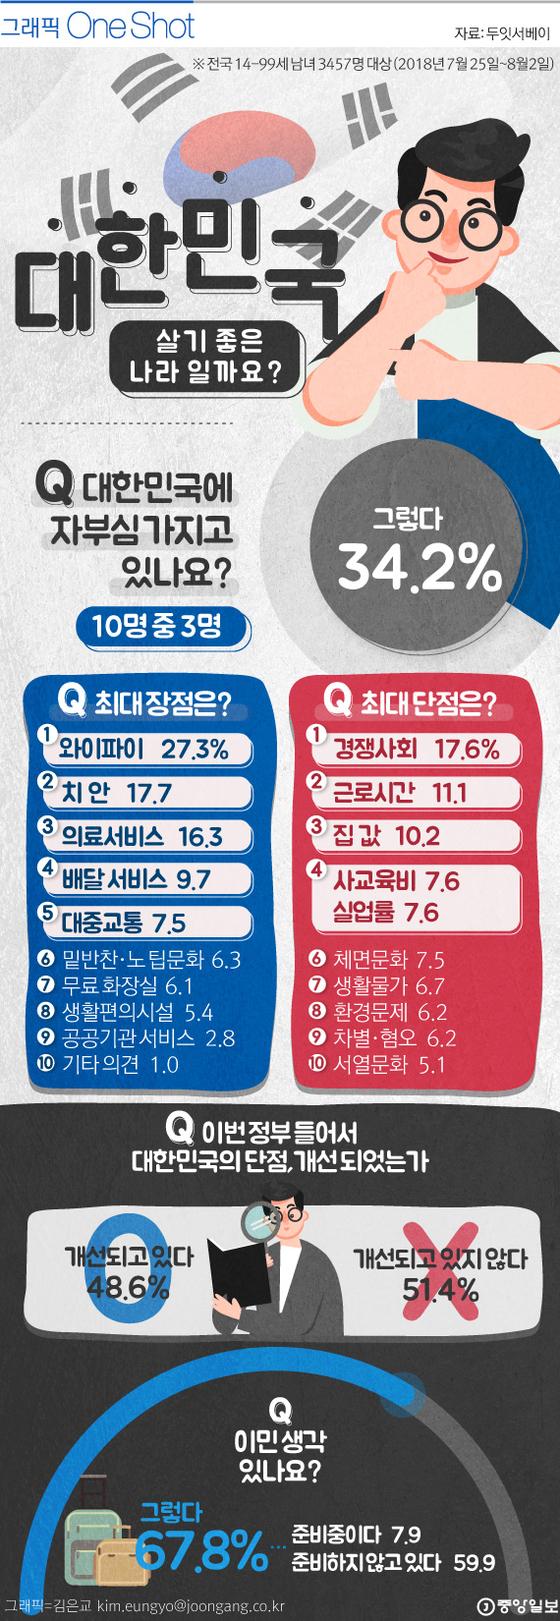 대한민국 살기 좋은 나라일까요?